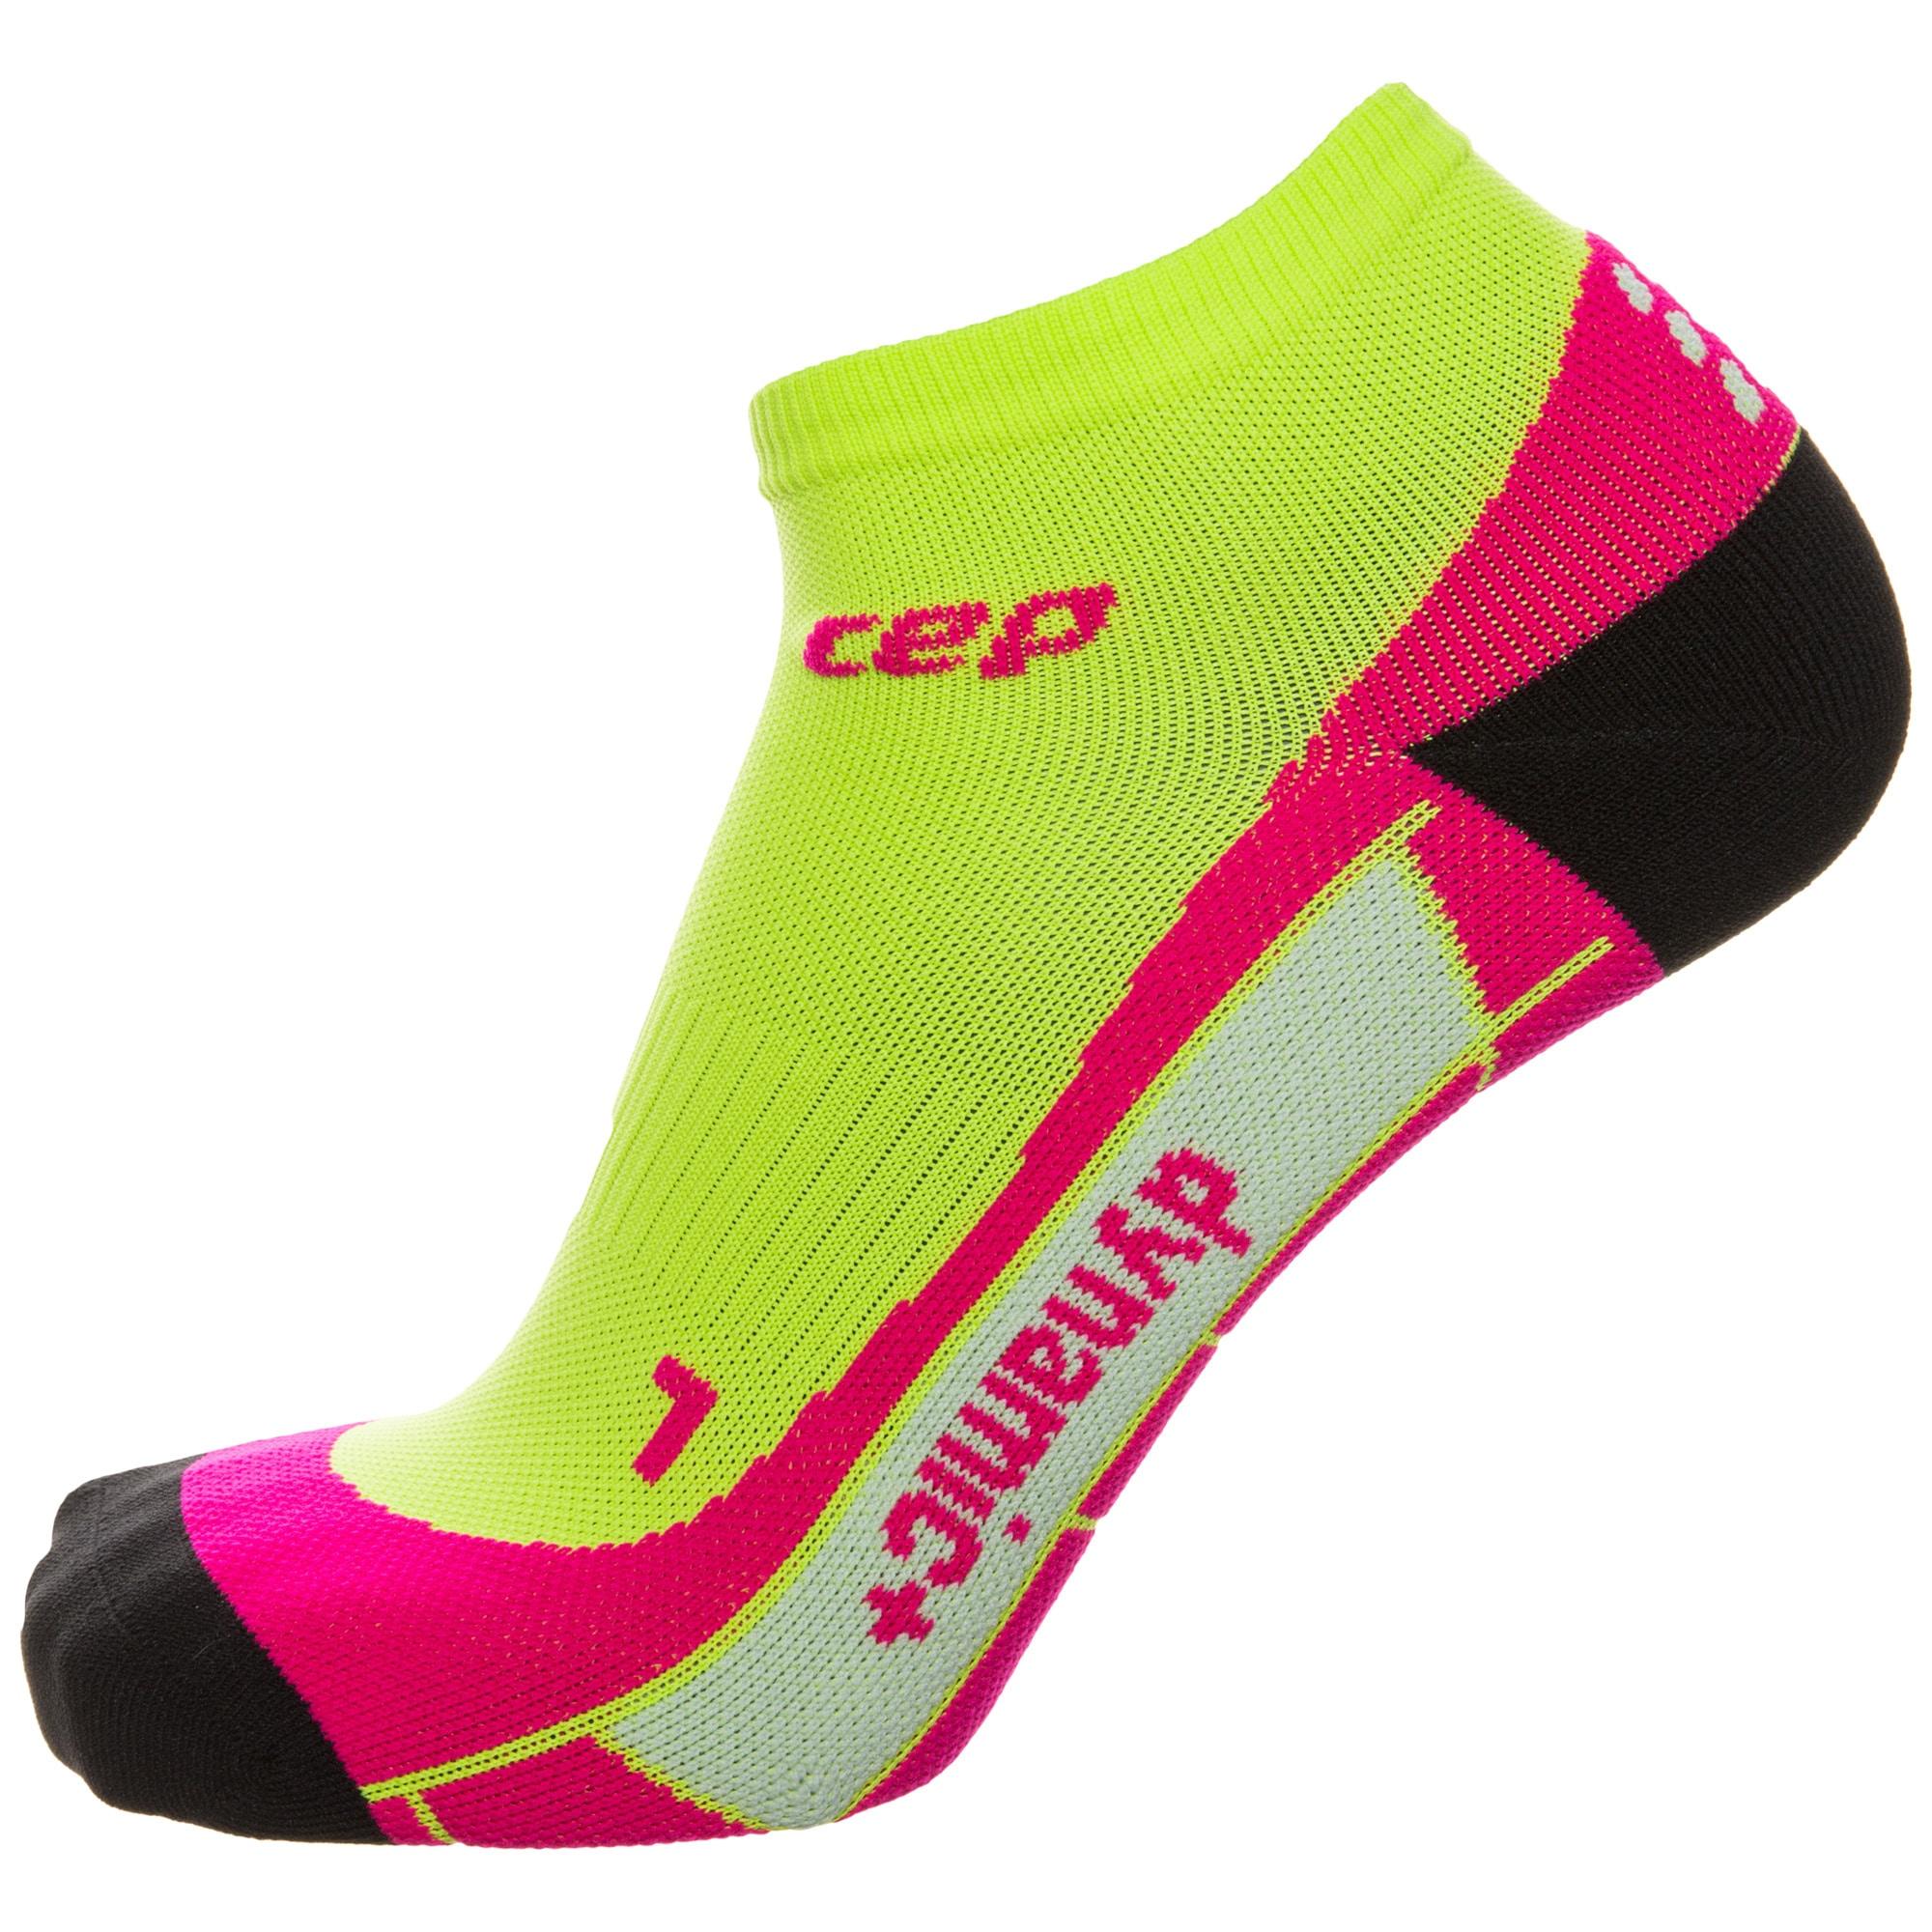 cep - Low Cut Socks Laufsocken